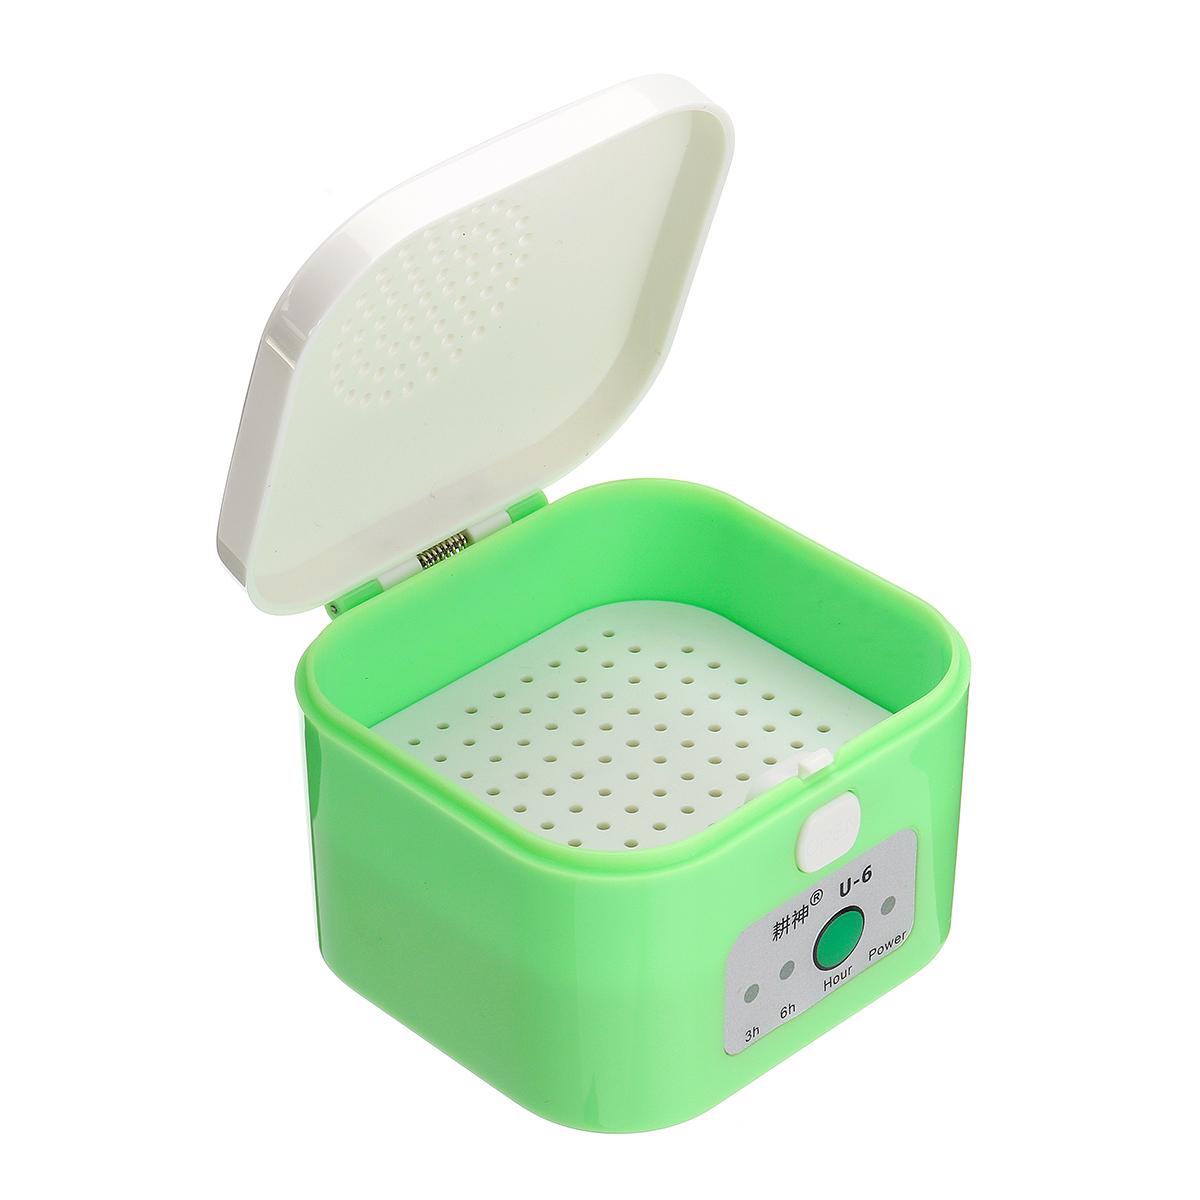 Digital Hearing Aid Trockner Elektrische Trocknung Box Luftentfeuchter 3/6 Stunden Timer Feuchtigkeitsfest Pflegen